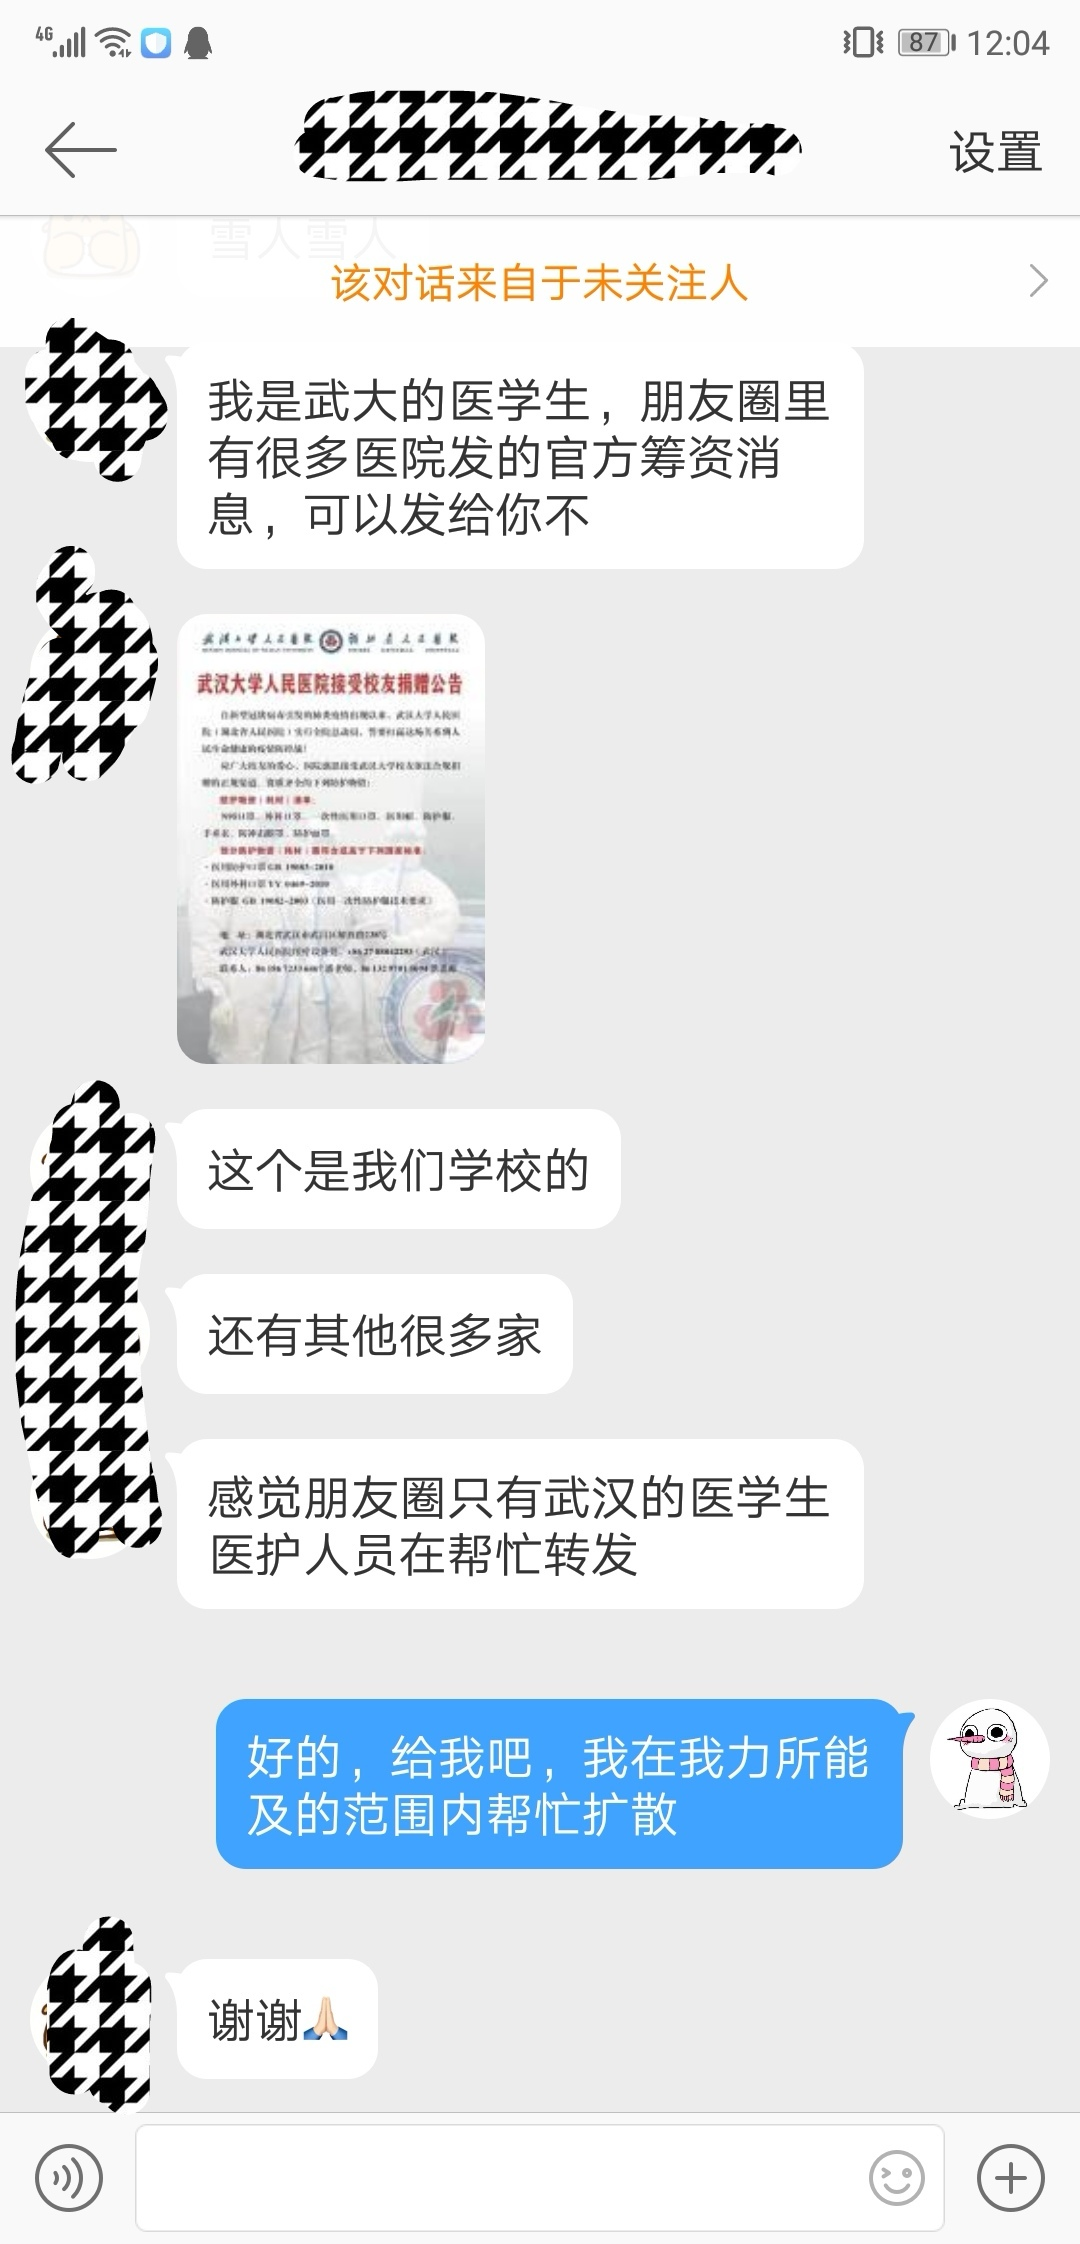 帮忙扩散一些武汉医院的官方筹资通道